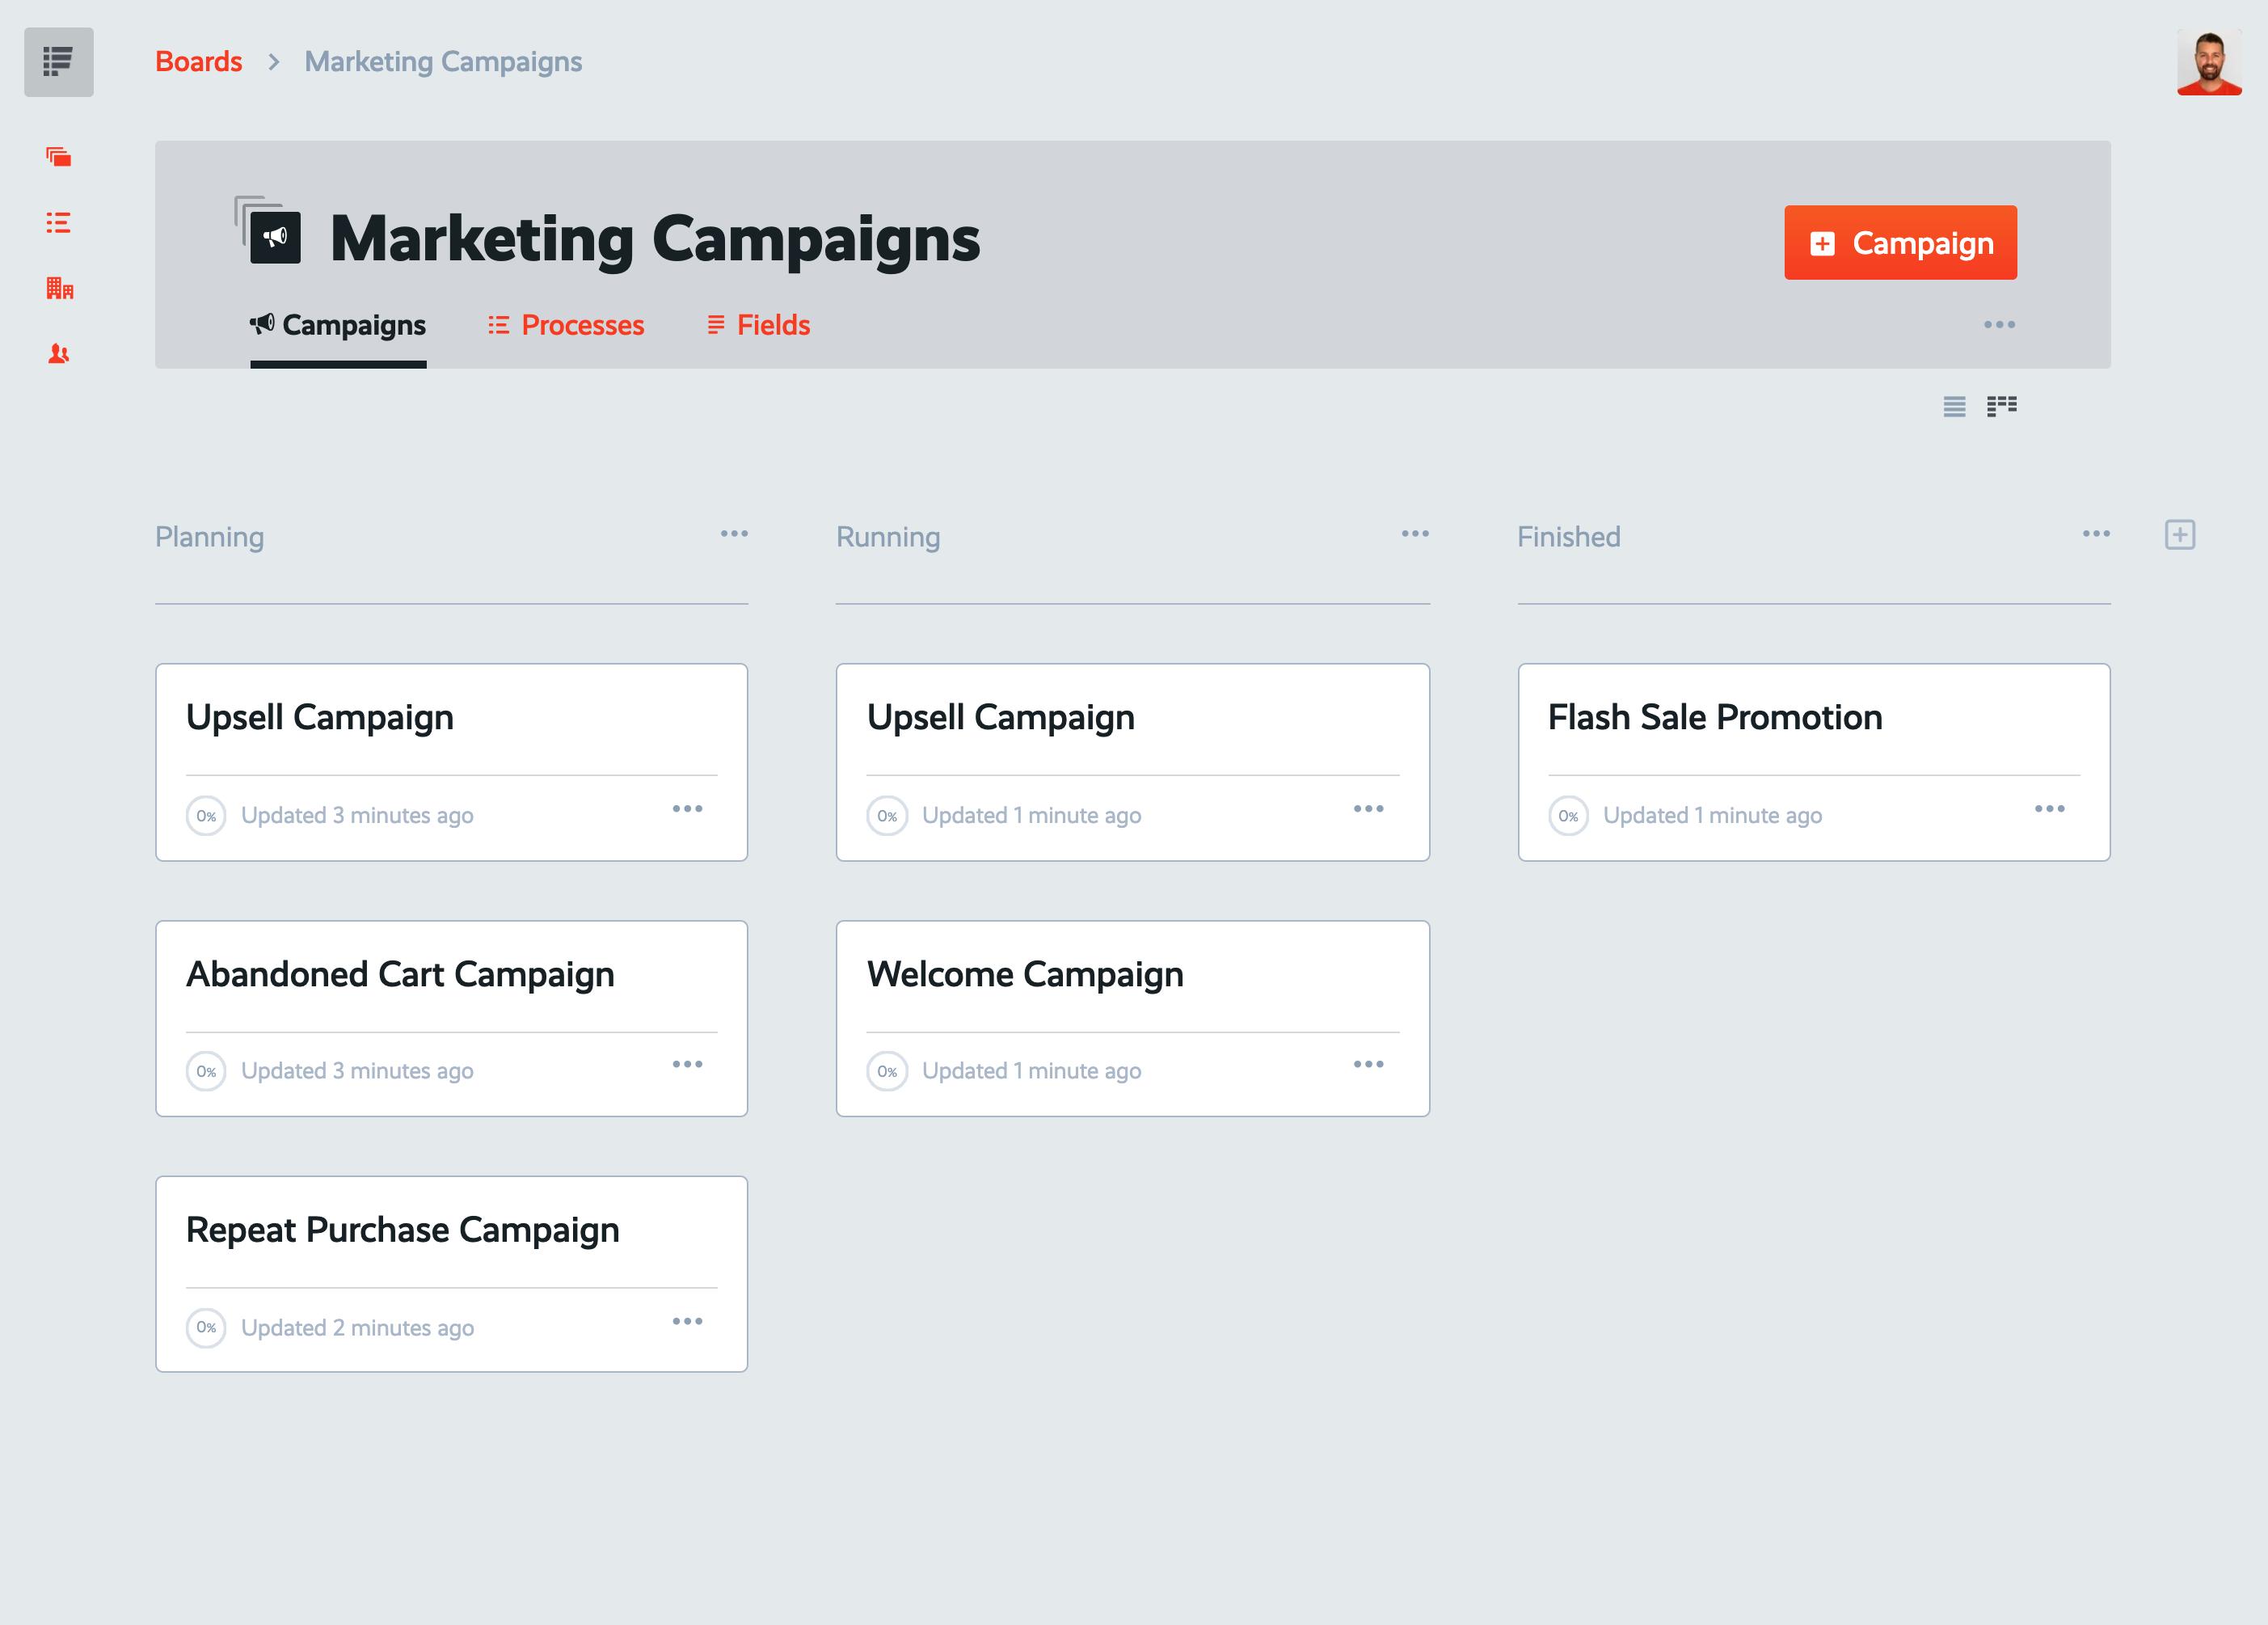 new marketing campaigns board